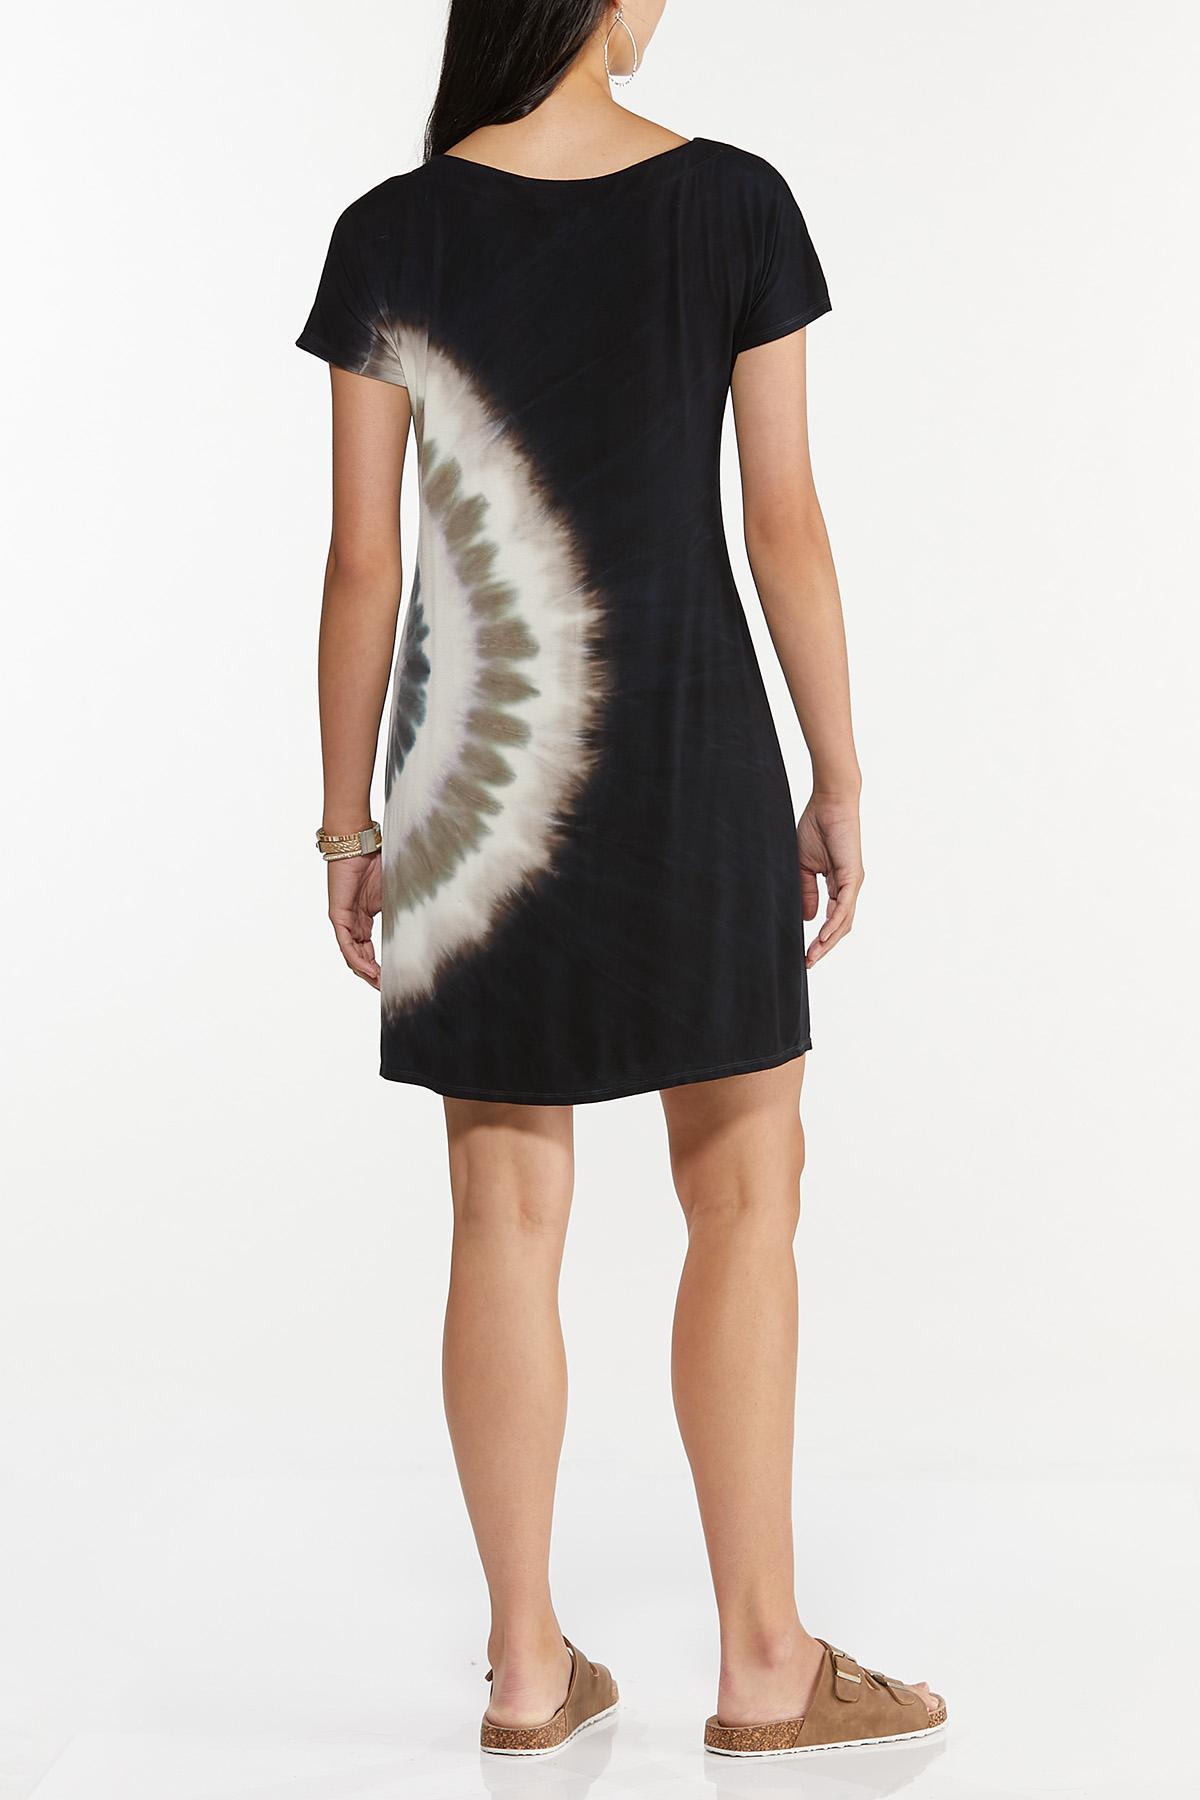 Plus Size Tie Dye Swirl Shirt Dress (Item #44635197)